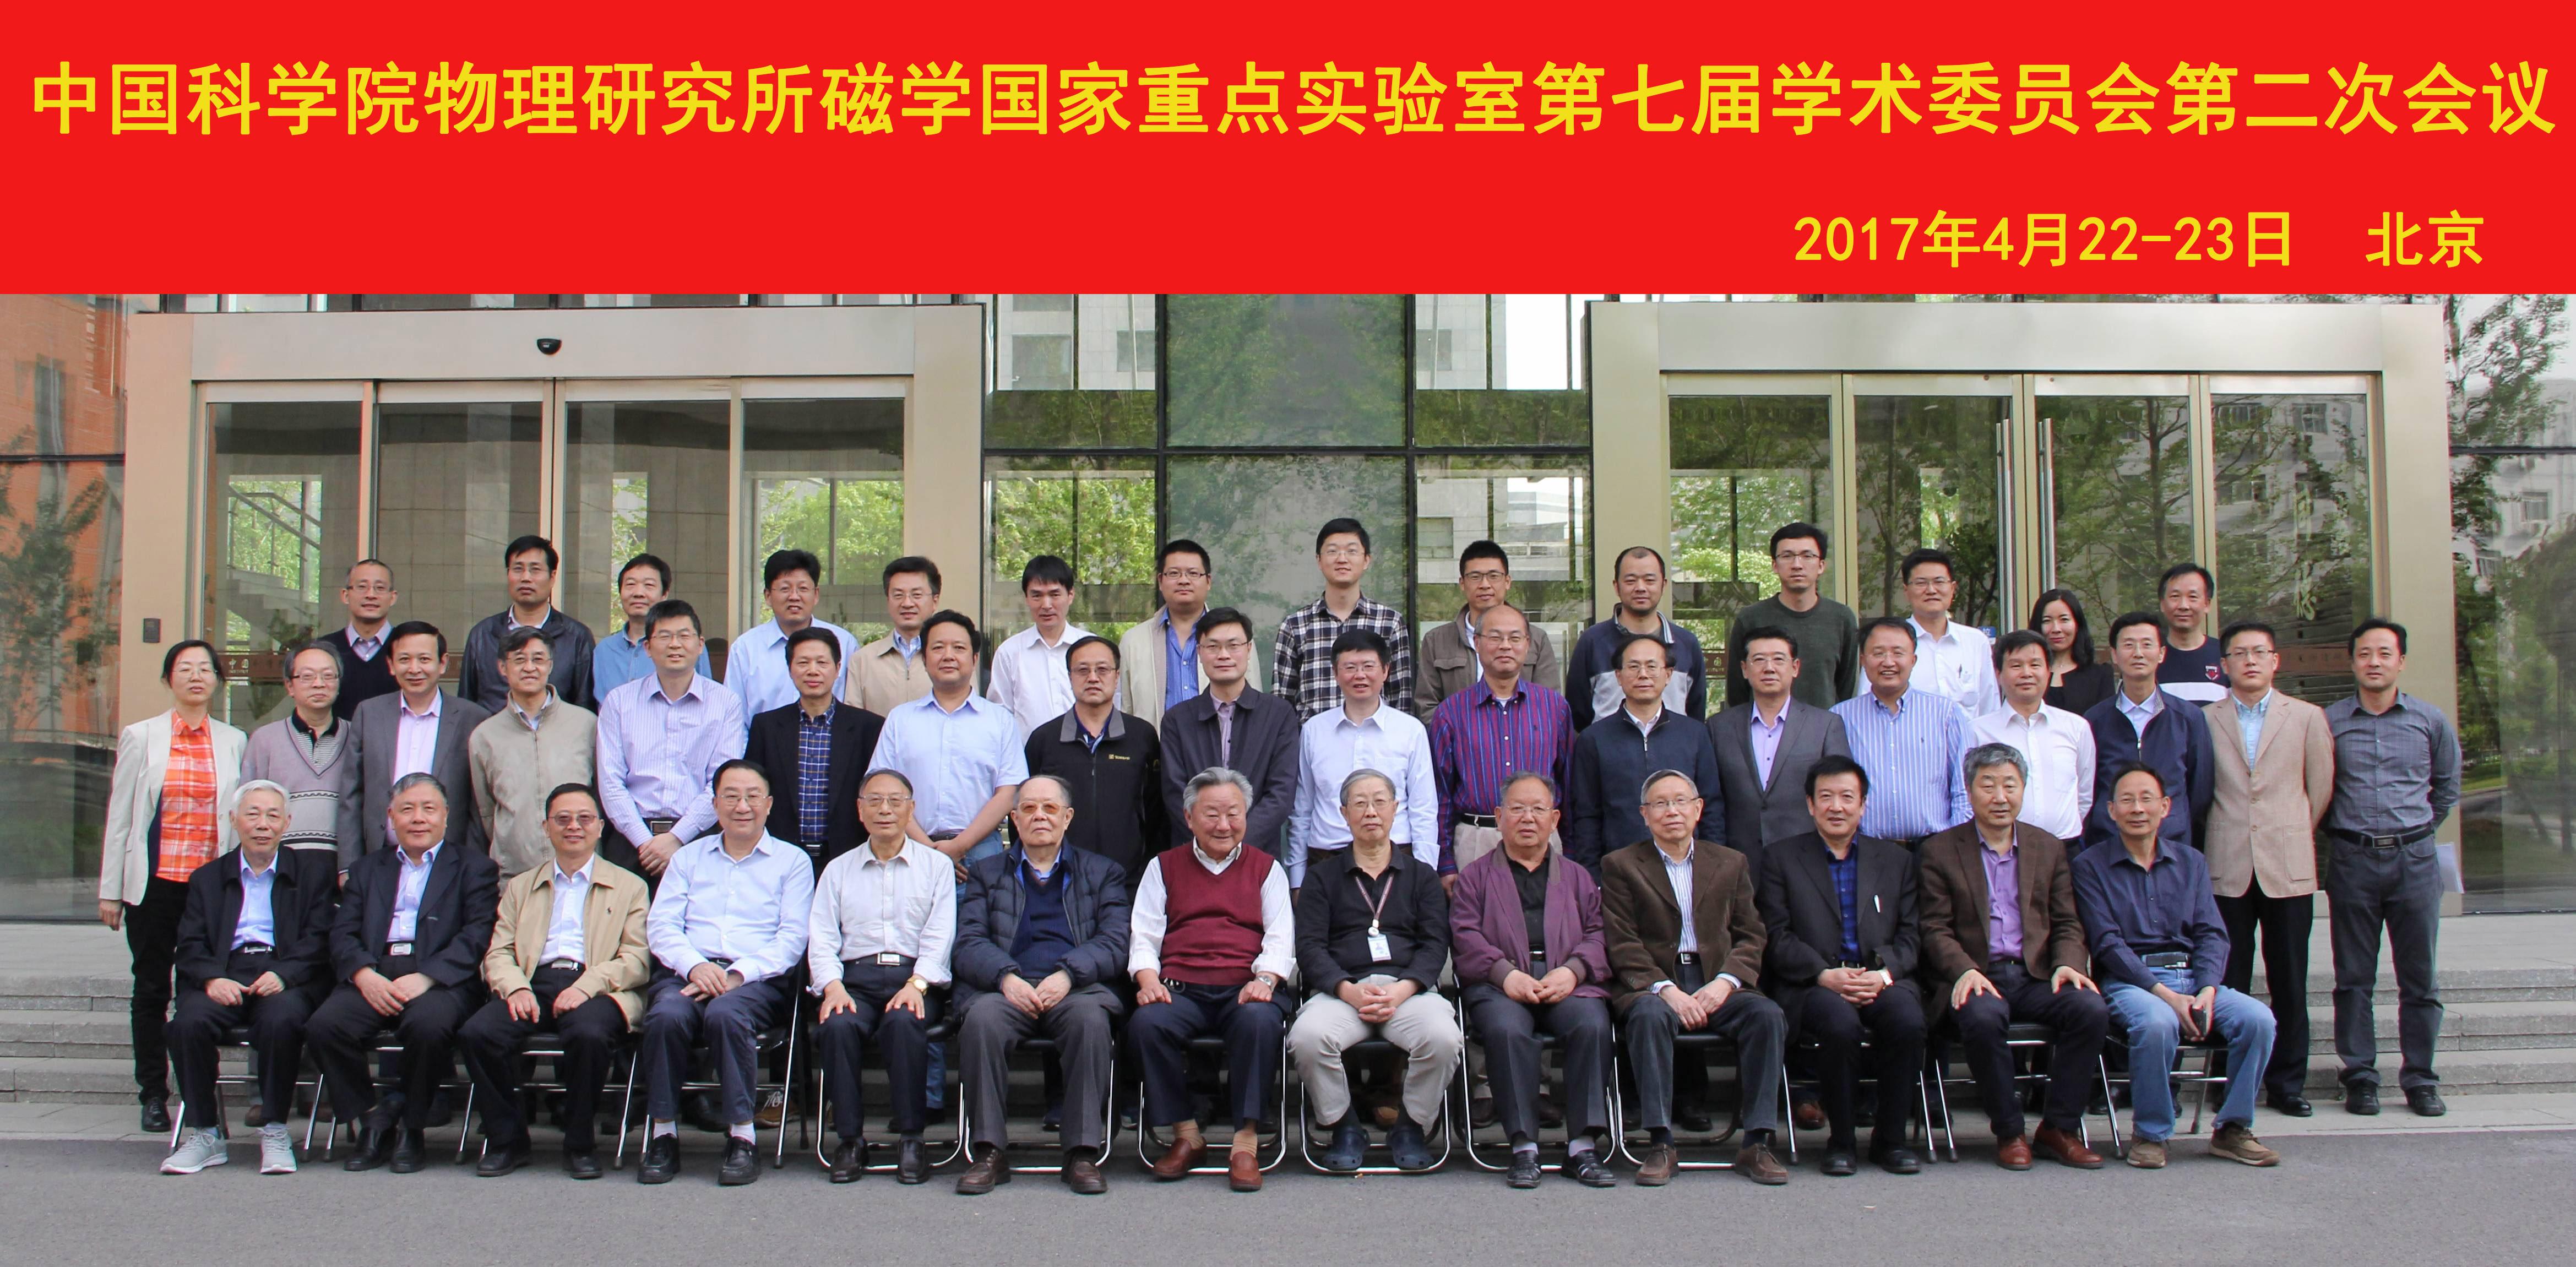 磁学国家重点实验室第七届学术委员会第二次会议召开